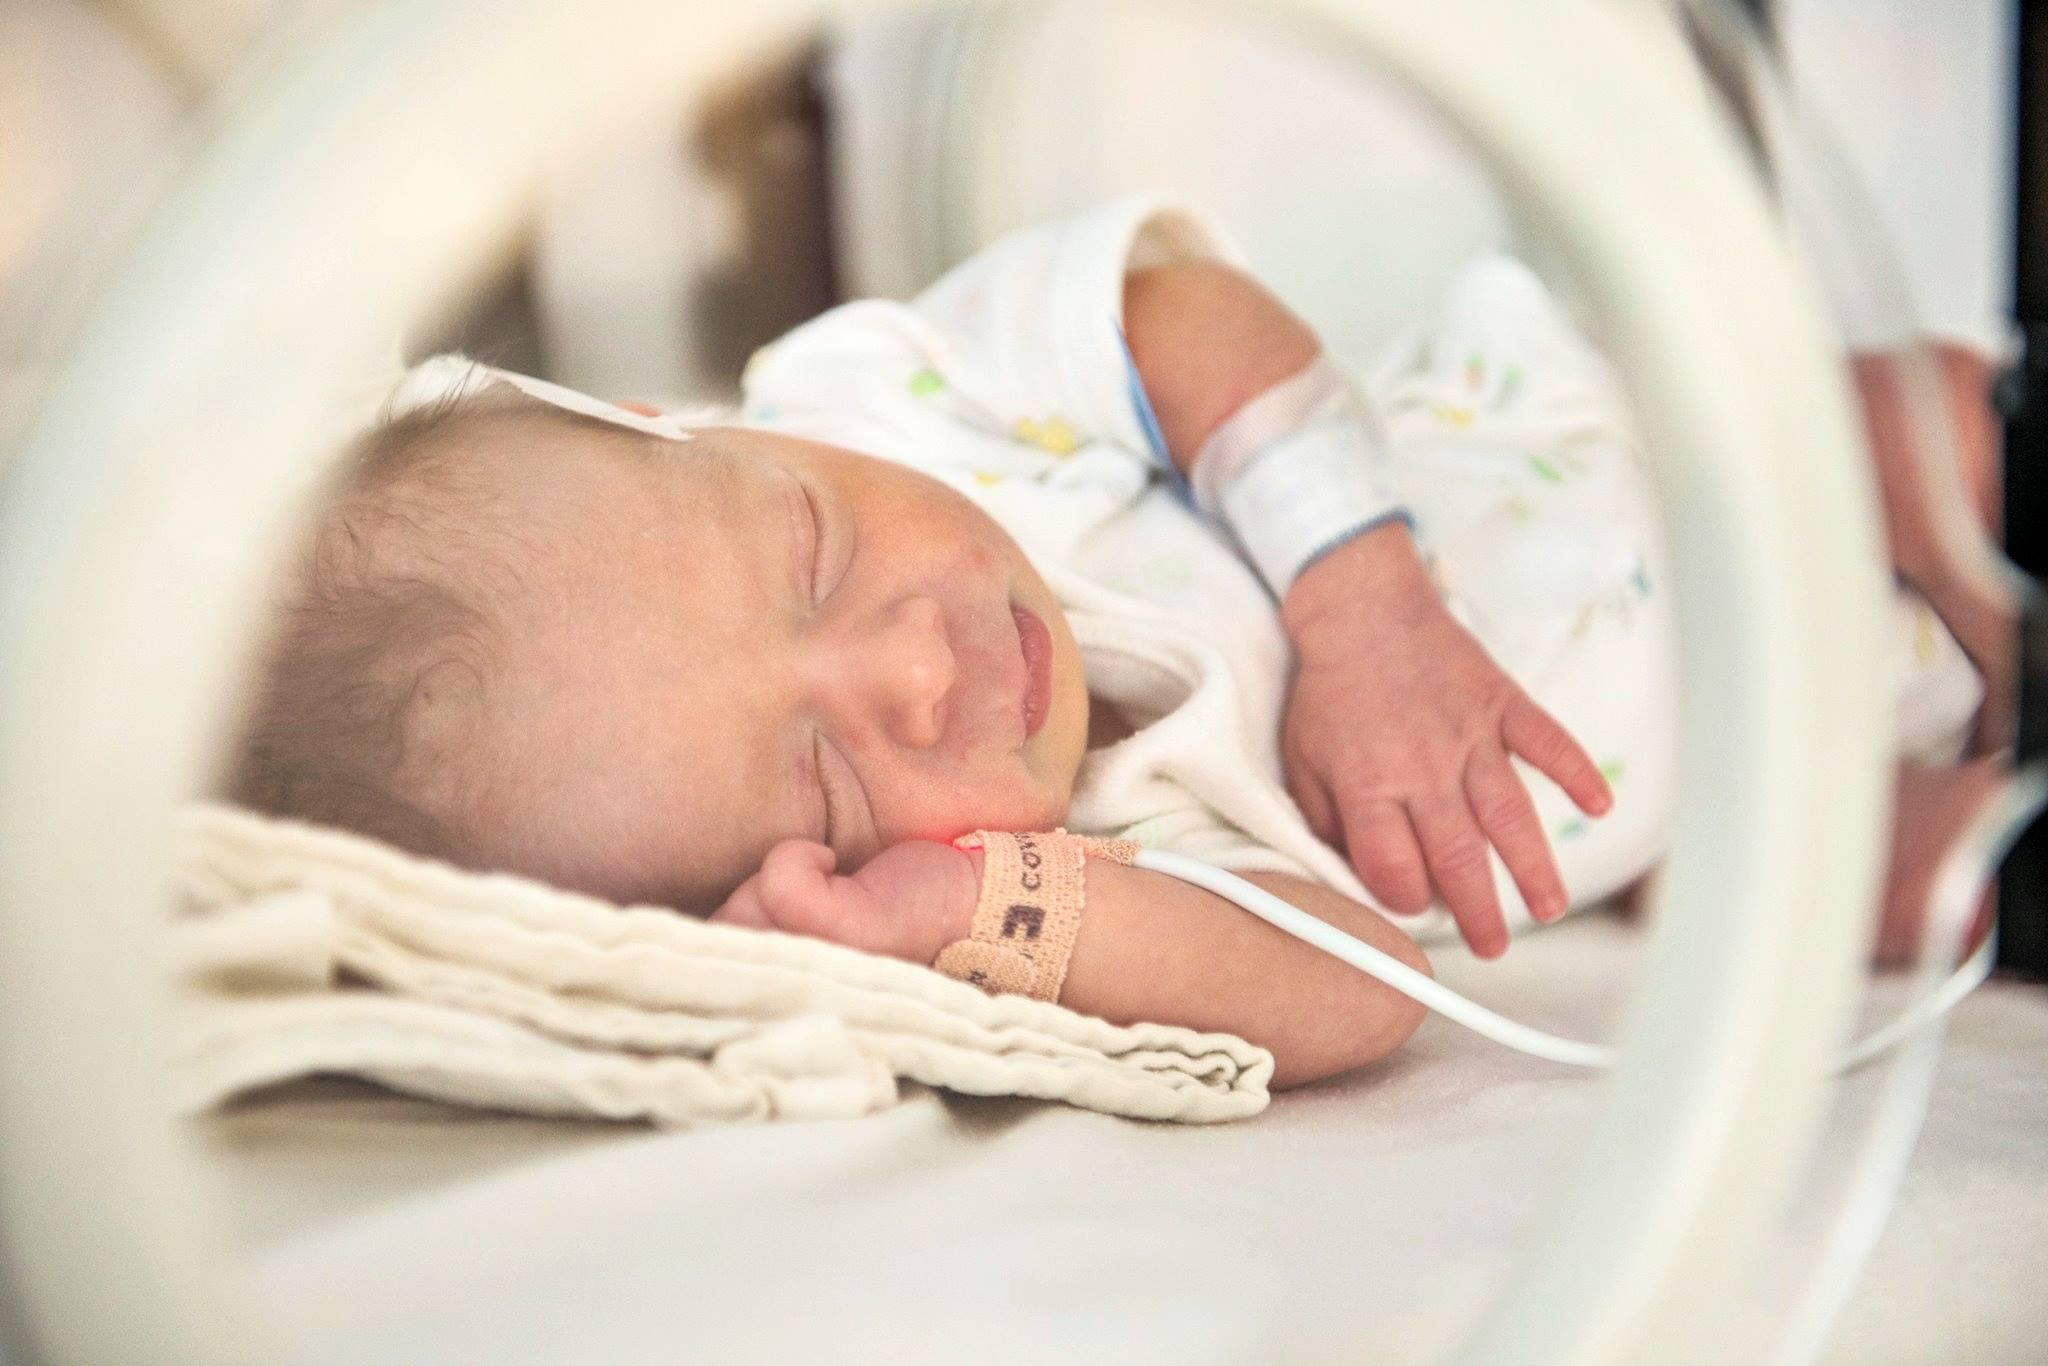 (P) Incubatorul de bine sau cum se dă luptă pentru viață a unui copil născut prematur